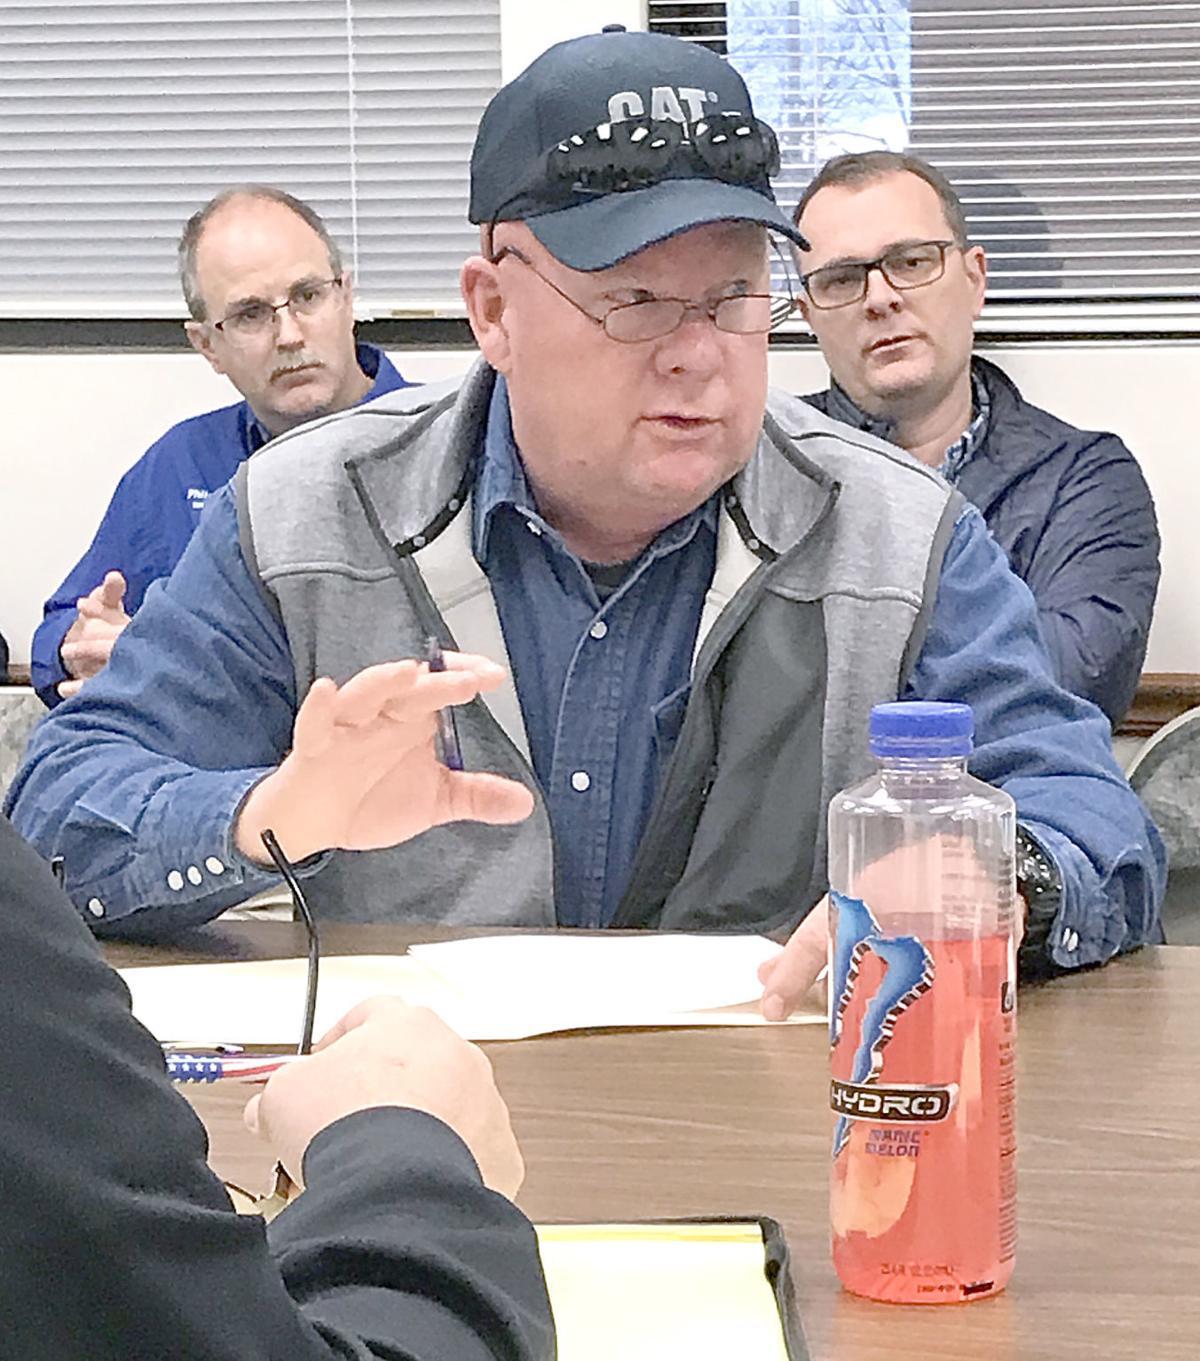 Kevin Swatsell At EMA Flooding Meeting